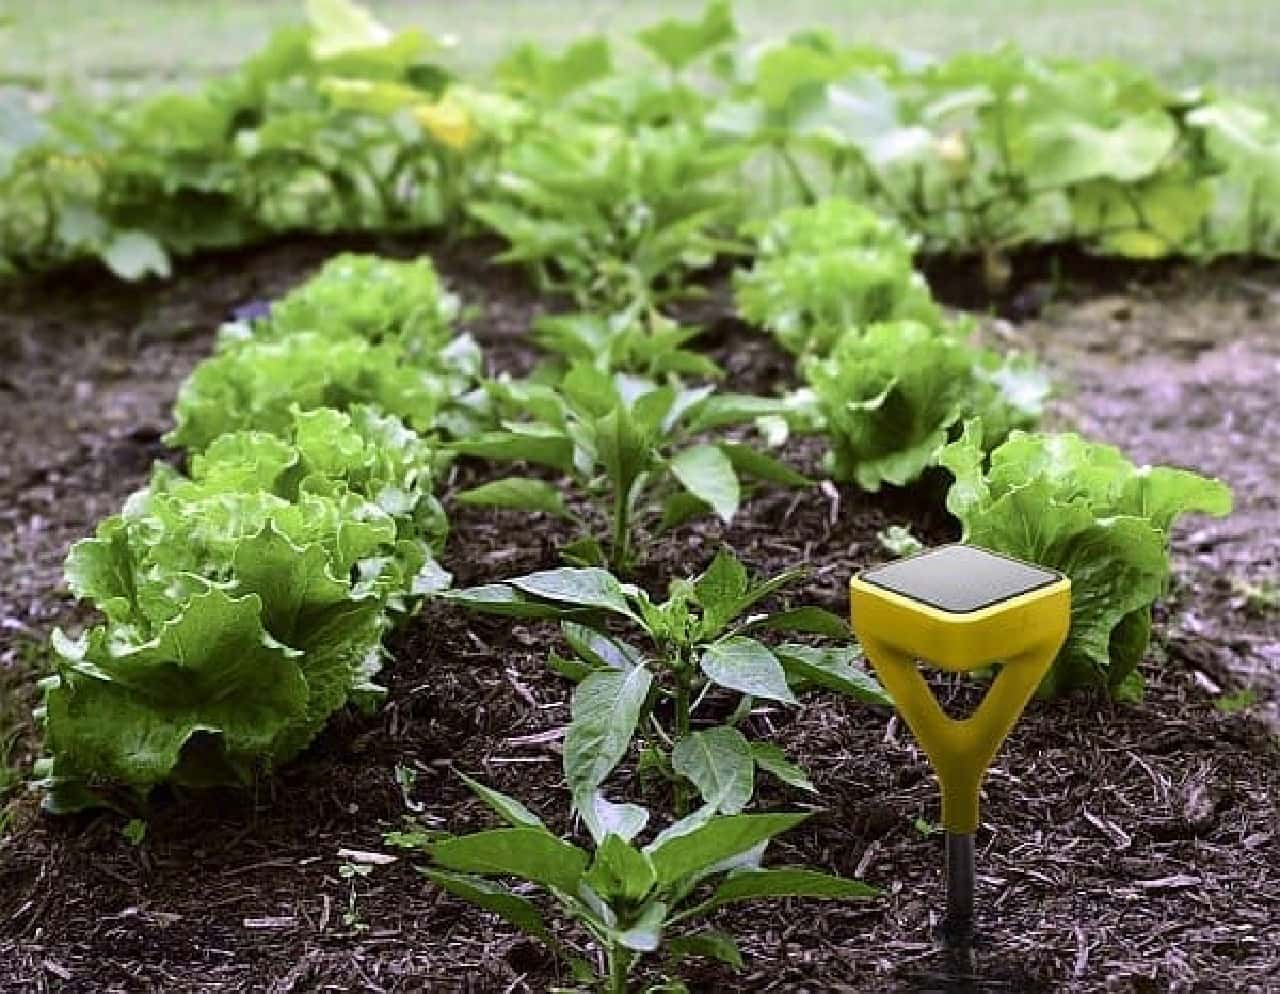 「Edyn」は、庭の土中状況を測定する「センサー」